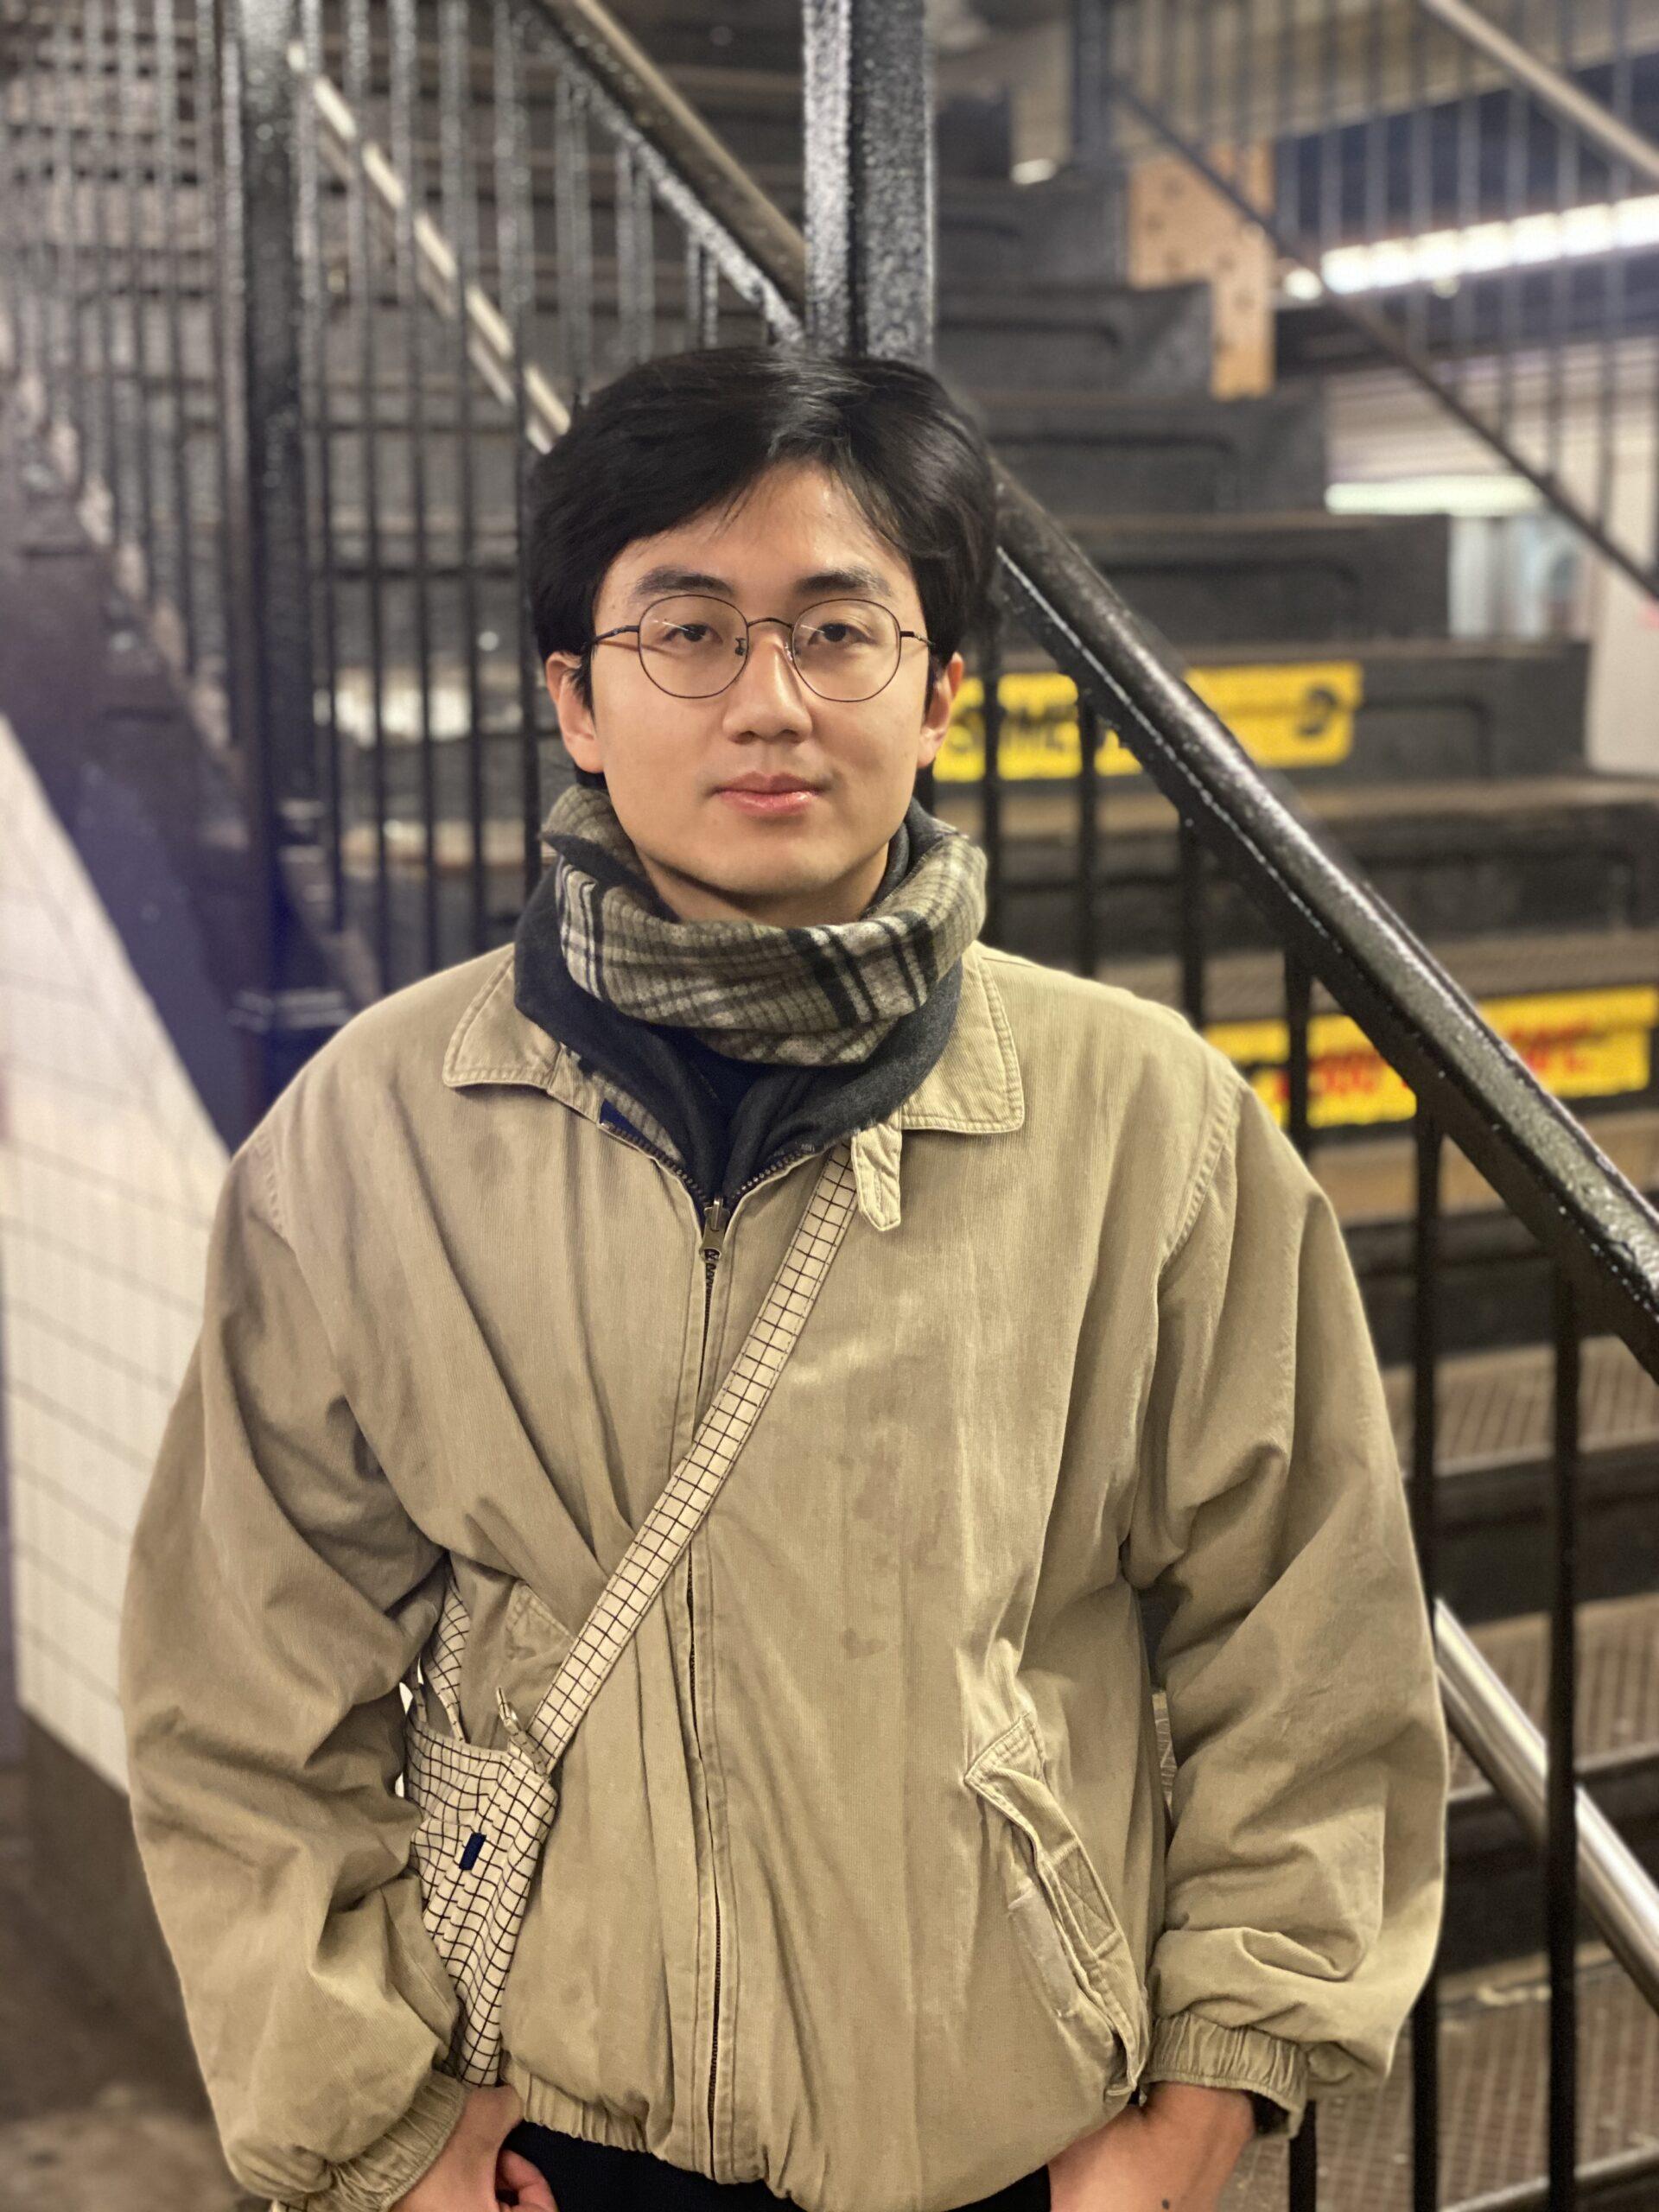 Jiaxun Jiang